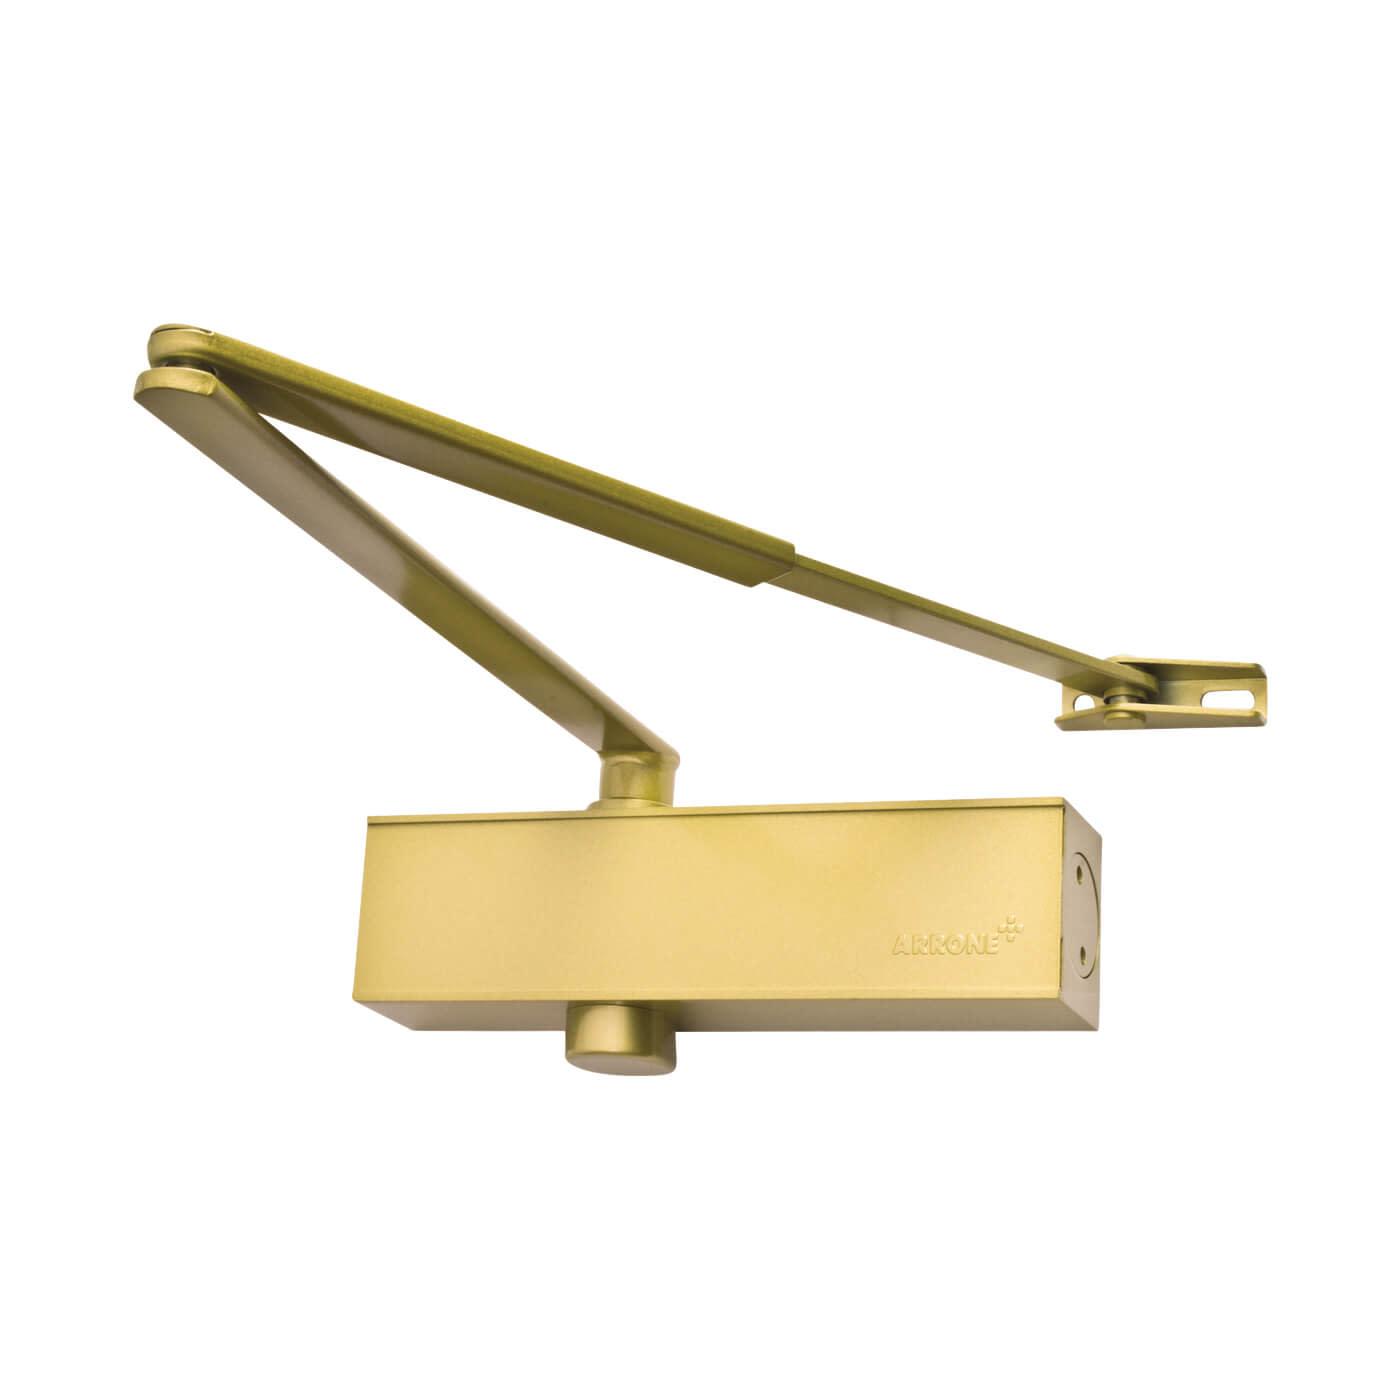 Arrone® AR8200 Door Closer - Gold)